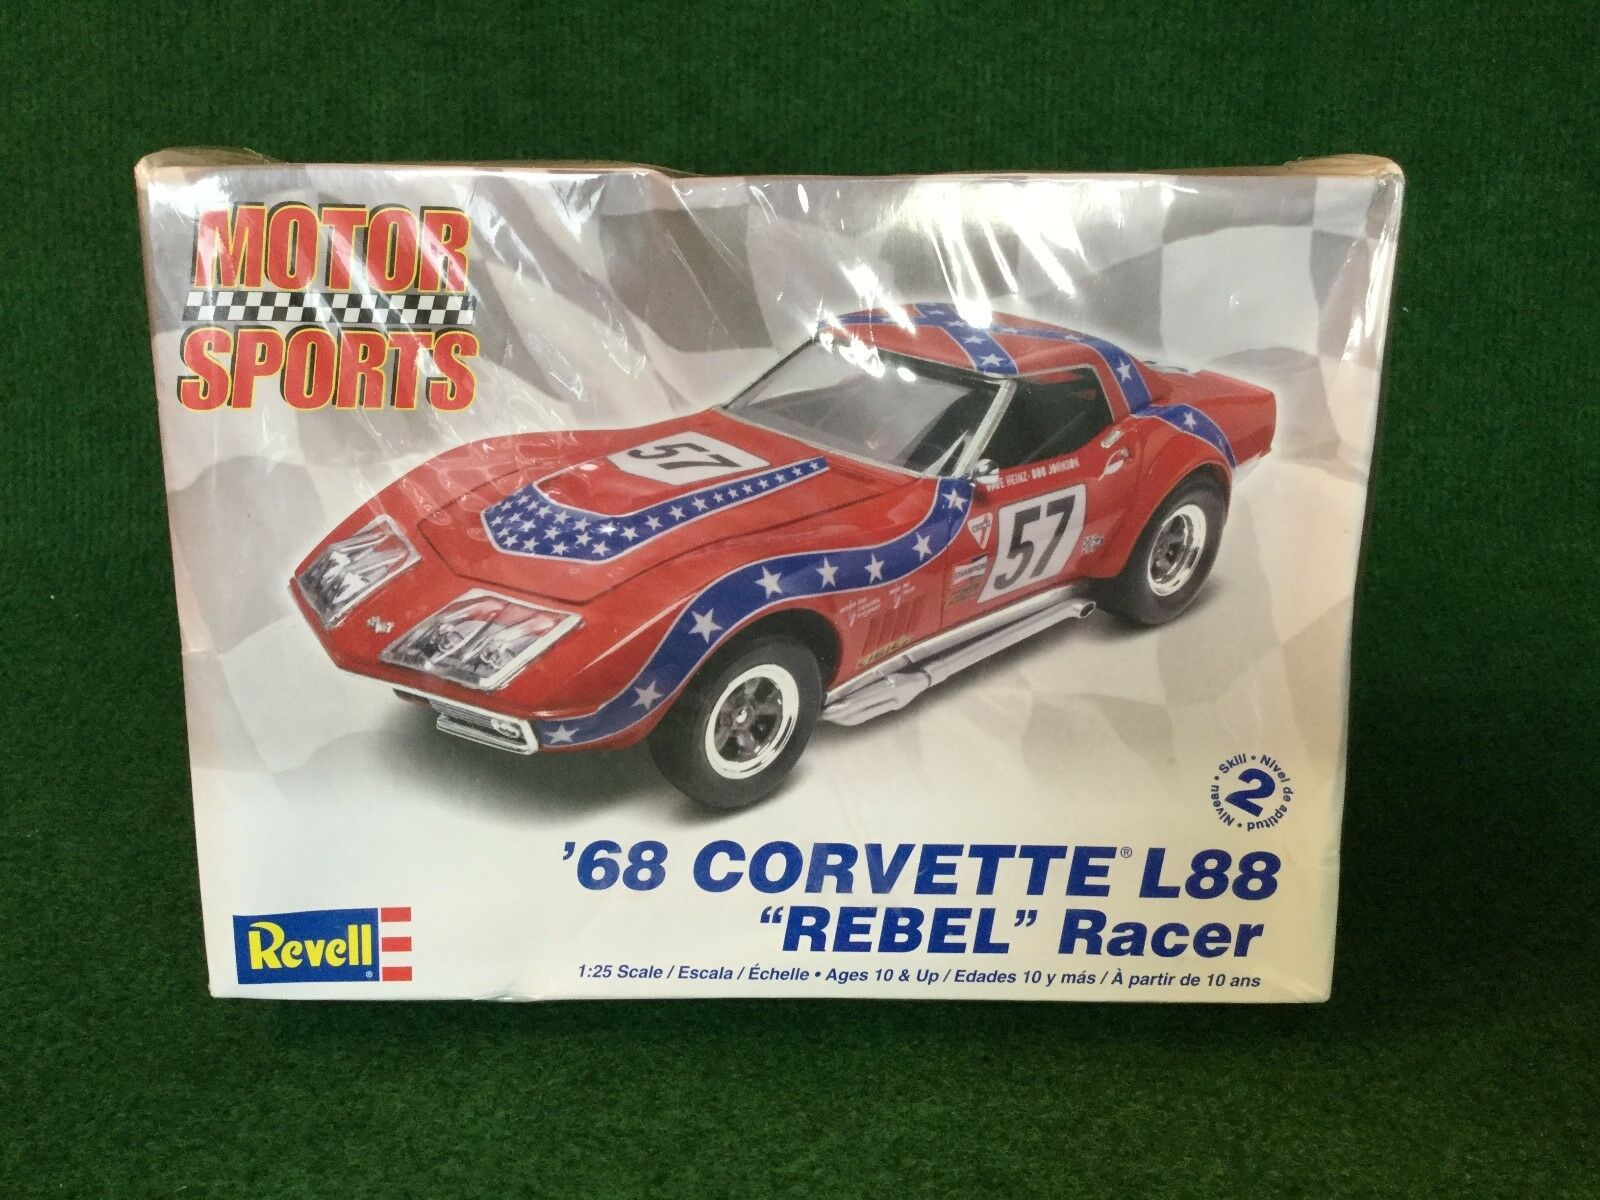 Revell Motor Sports '68 Corvette L88  Rebel Racer  Model Kit 1 25 Boxed